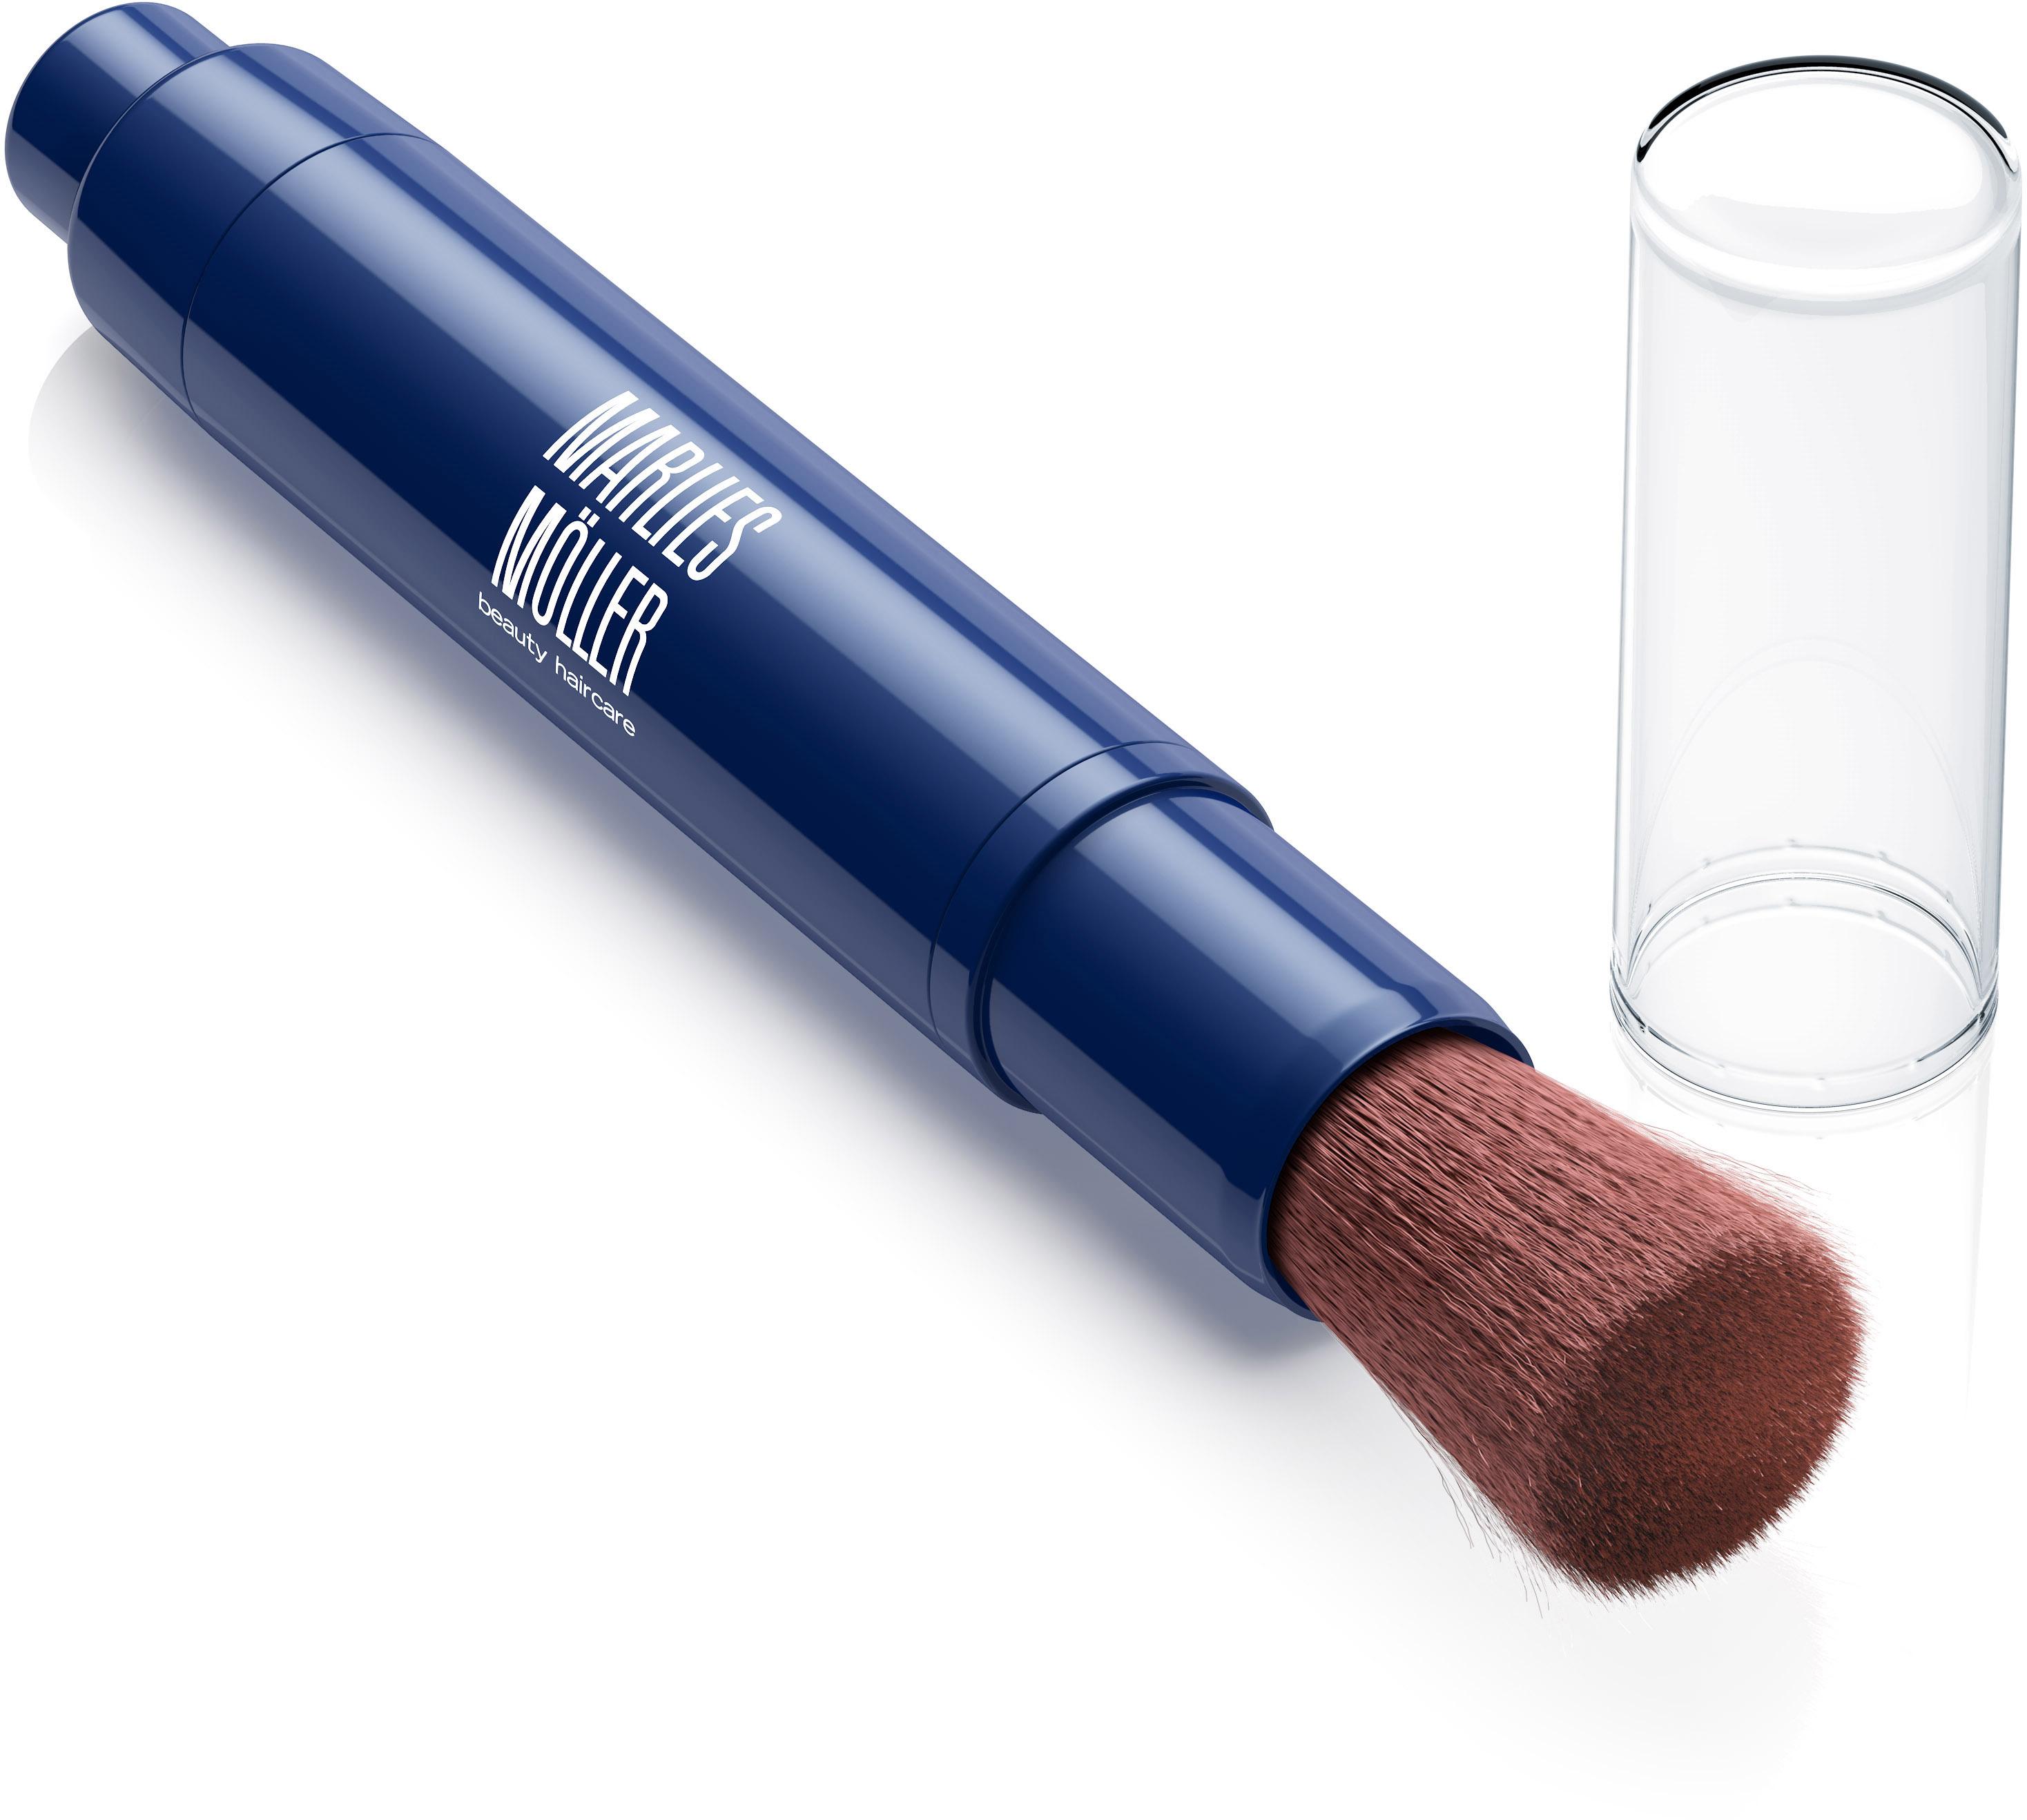 Marlies Möller Clean Anti Oil Hair Powder 4g